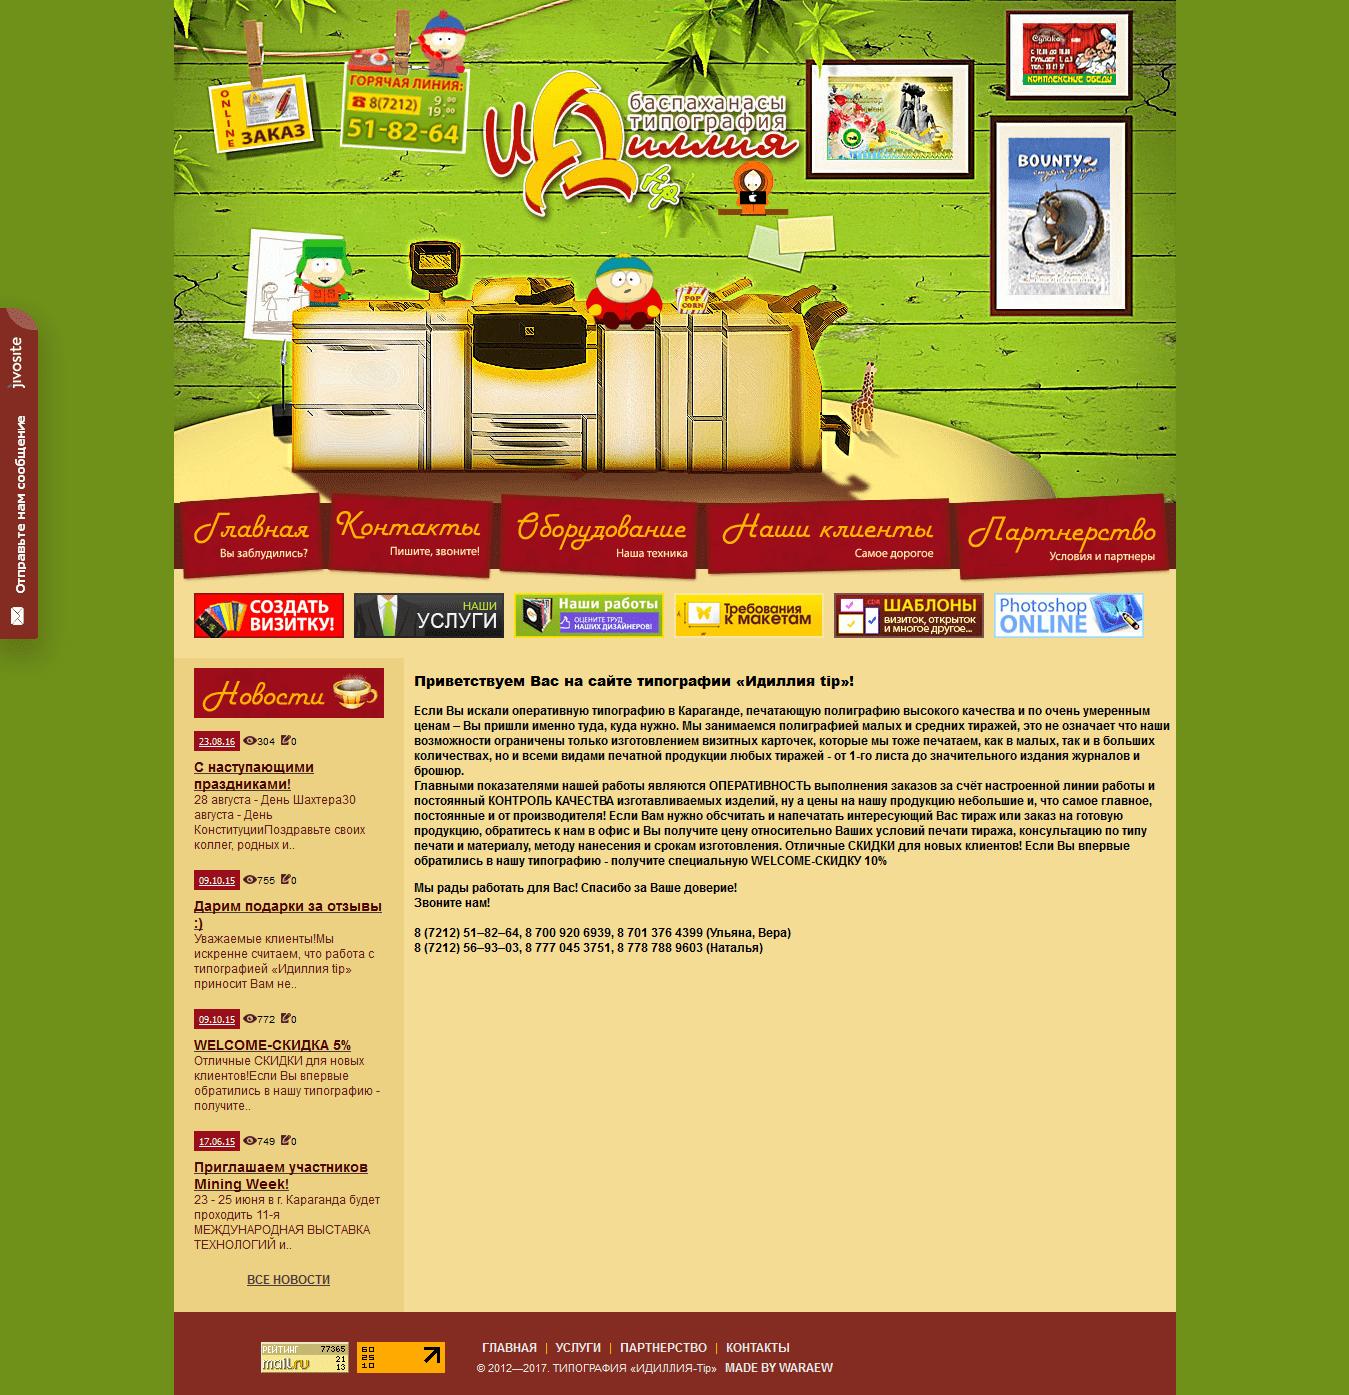 Запуск нового сайта